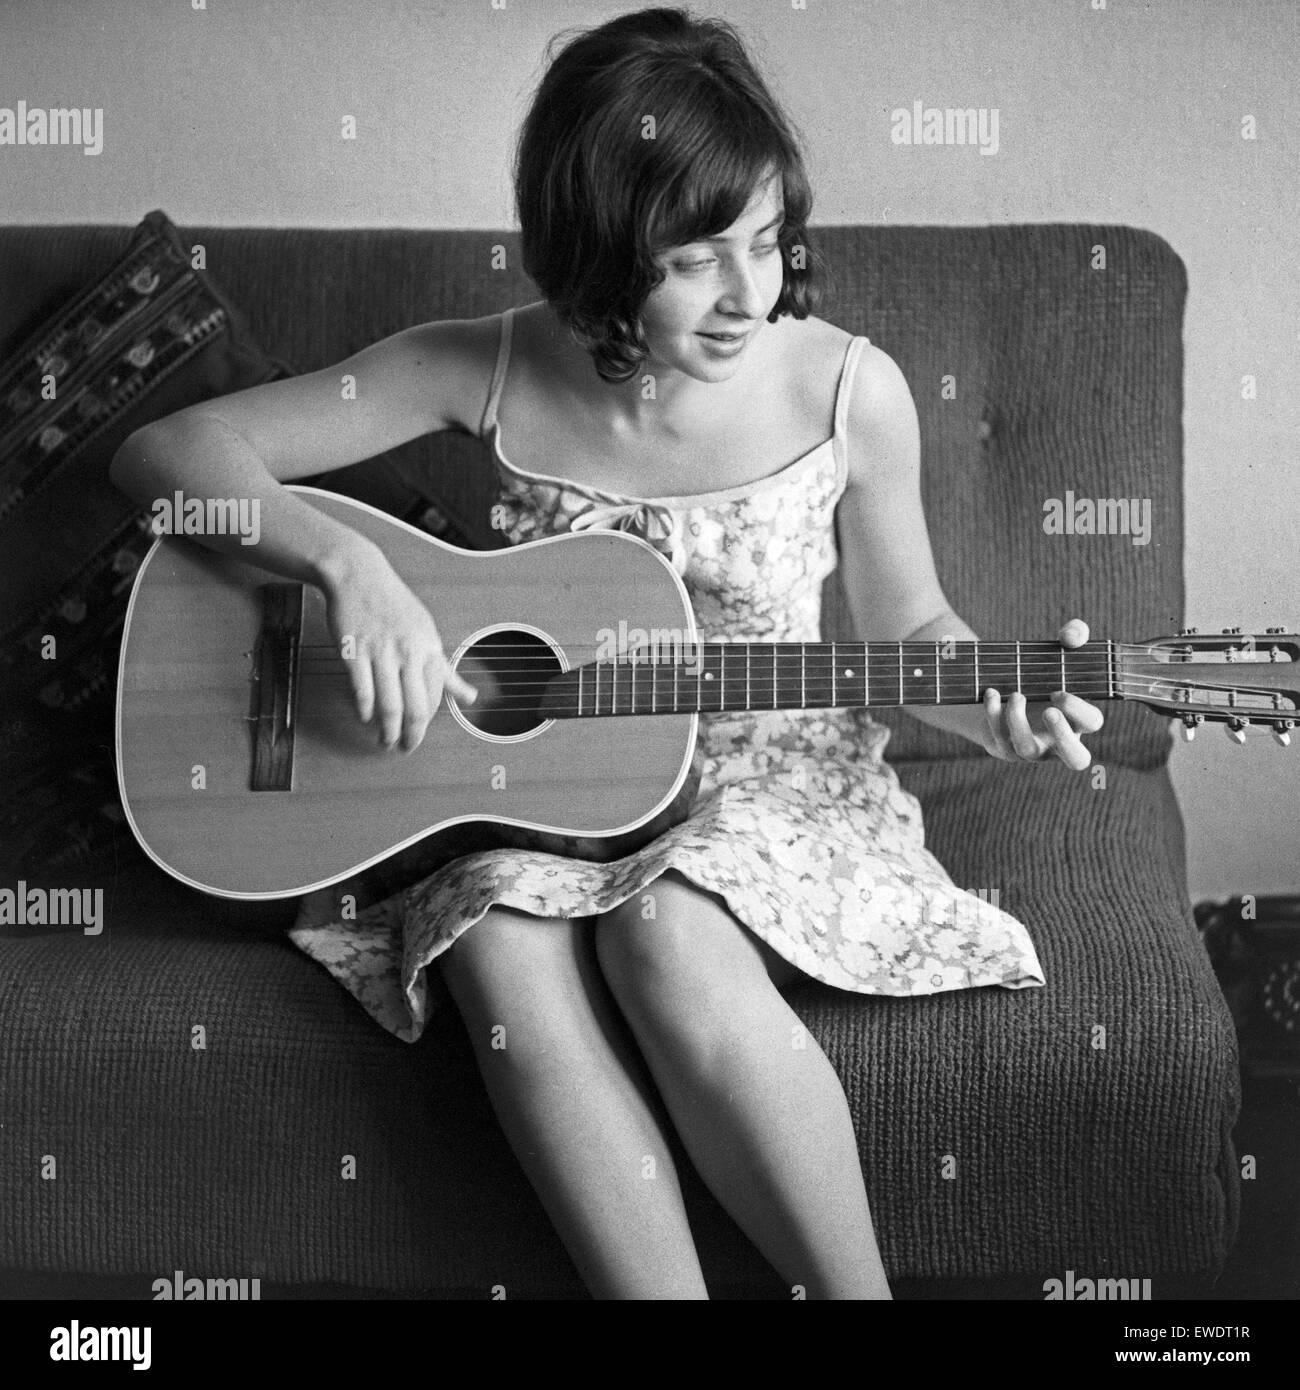 Griechisch deutsche Sängerin Vicky Leandros dans Hamburg, Deutschland 1960 er Jahre. Chanteur Allemand Grec Photo Stock